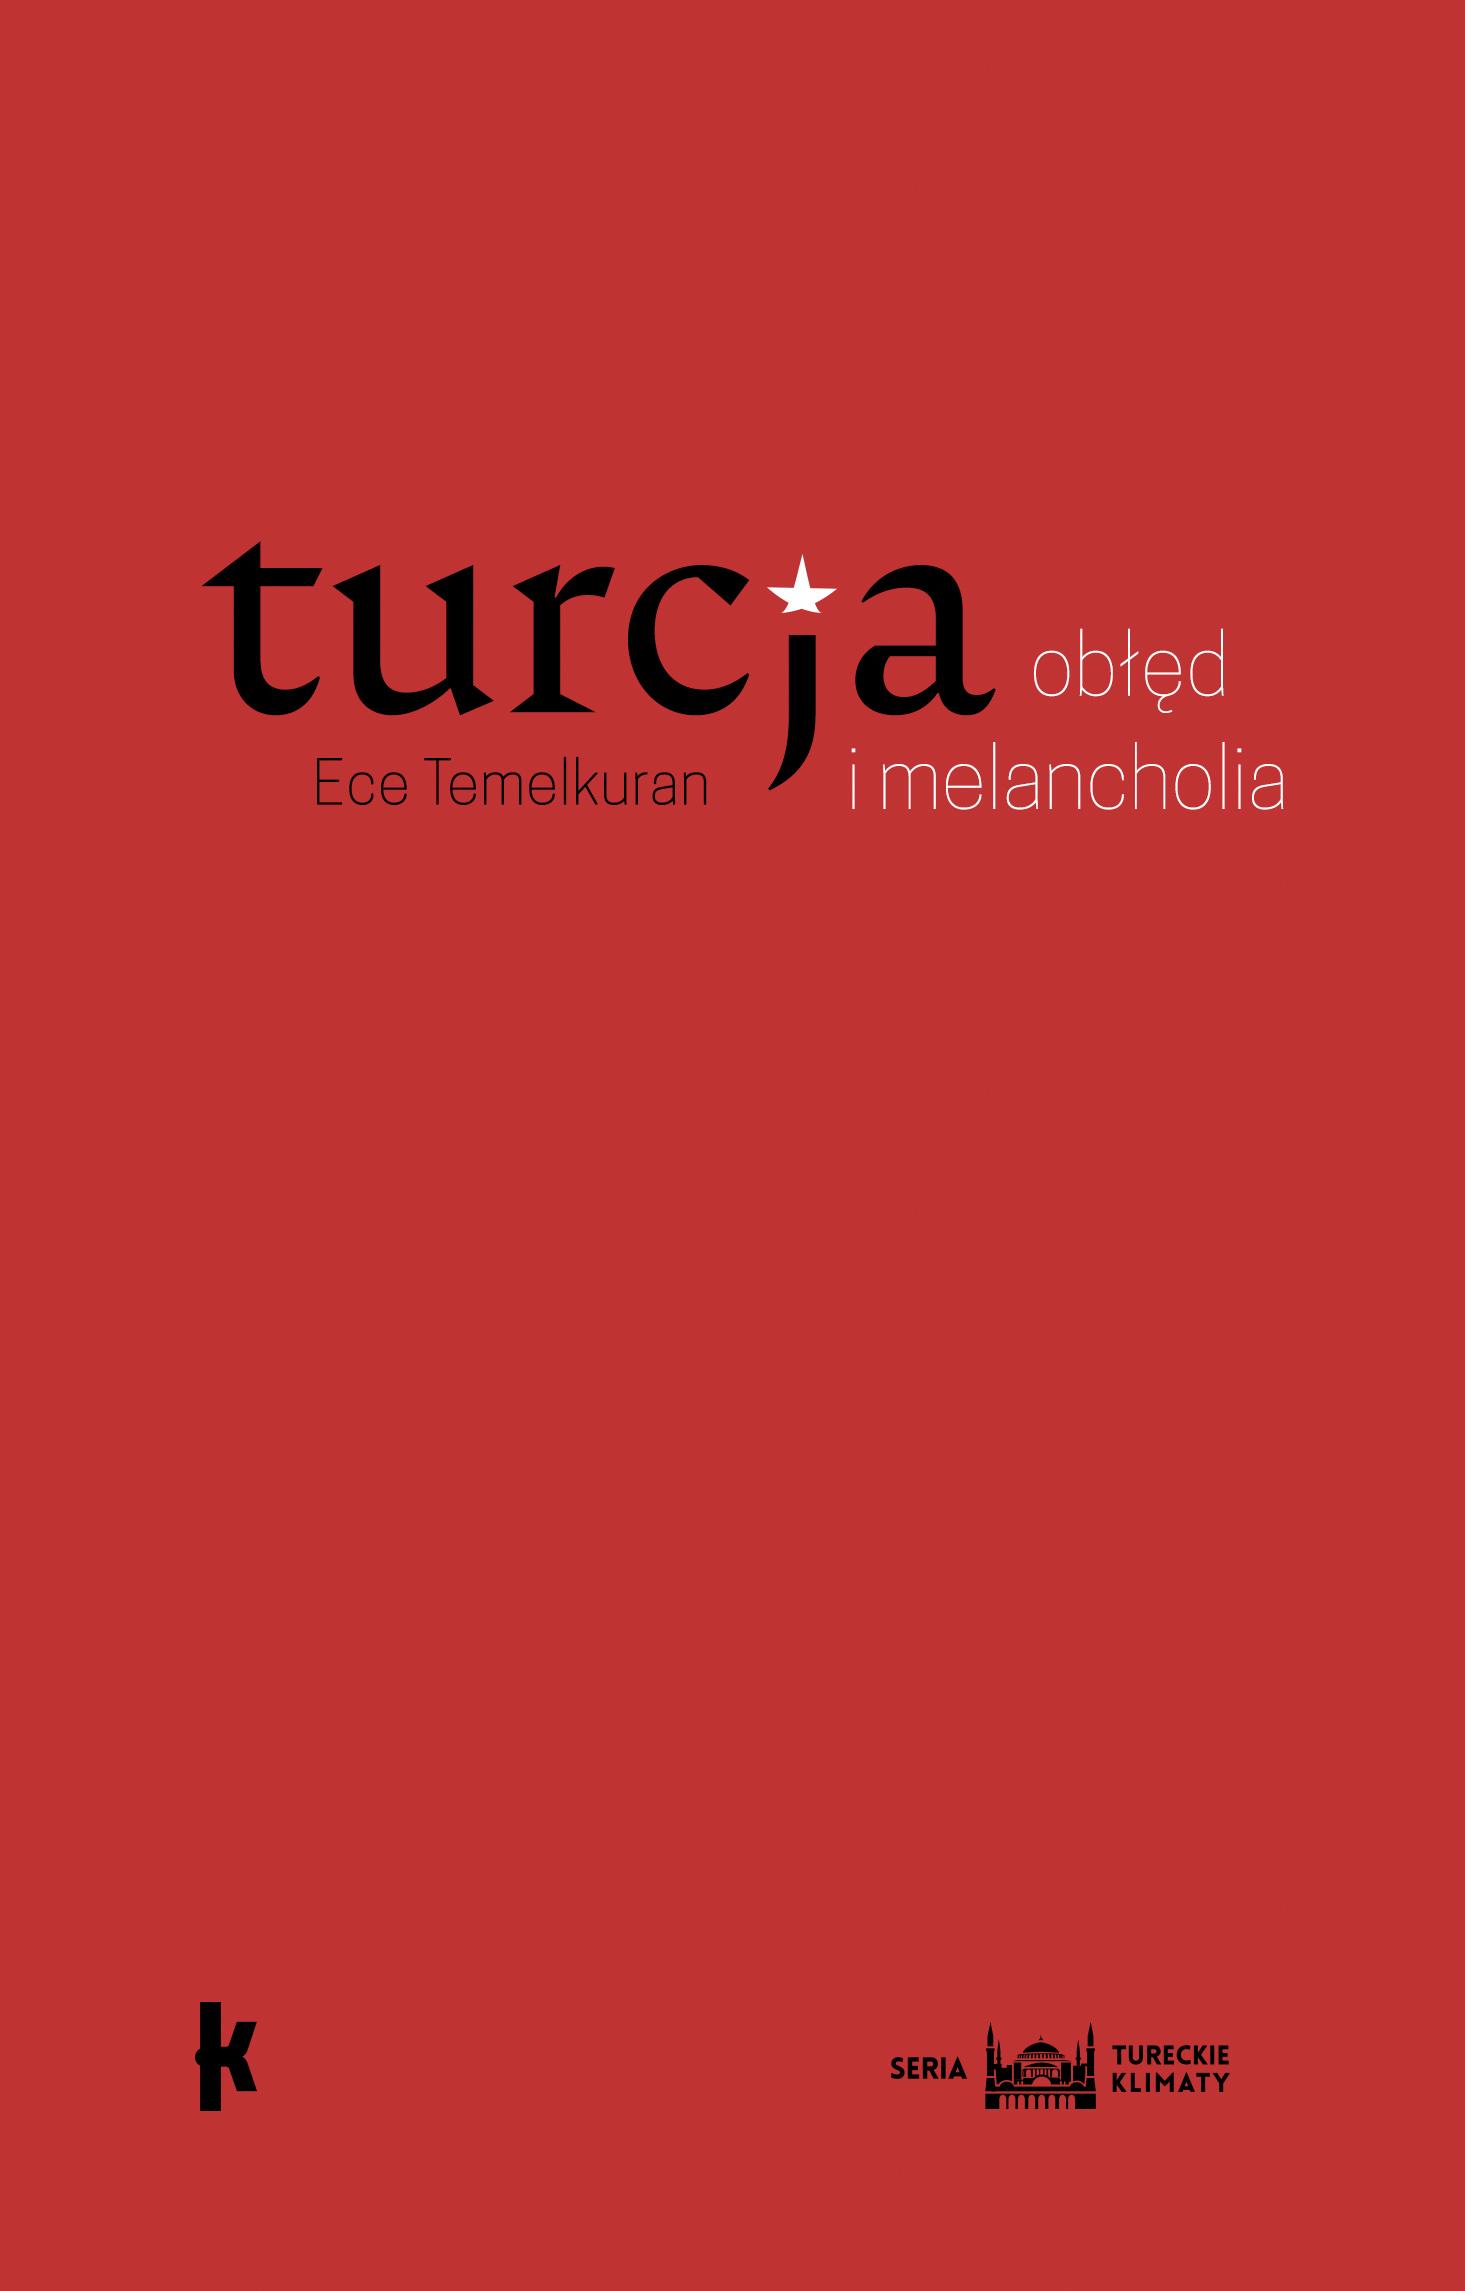 """Ece Temelkuran, """"Turcja: obłęd i melancholia"""", tłum. Łukasz Buchalski, Wydawnictwo Książkowe Klimaty (źródło: materiały prasowe wydawnictwa)"""